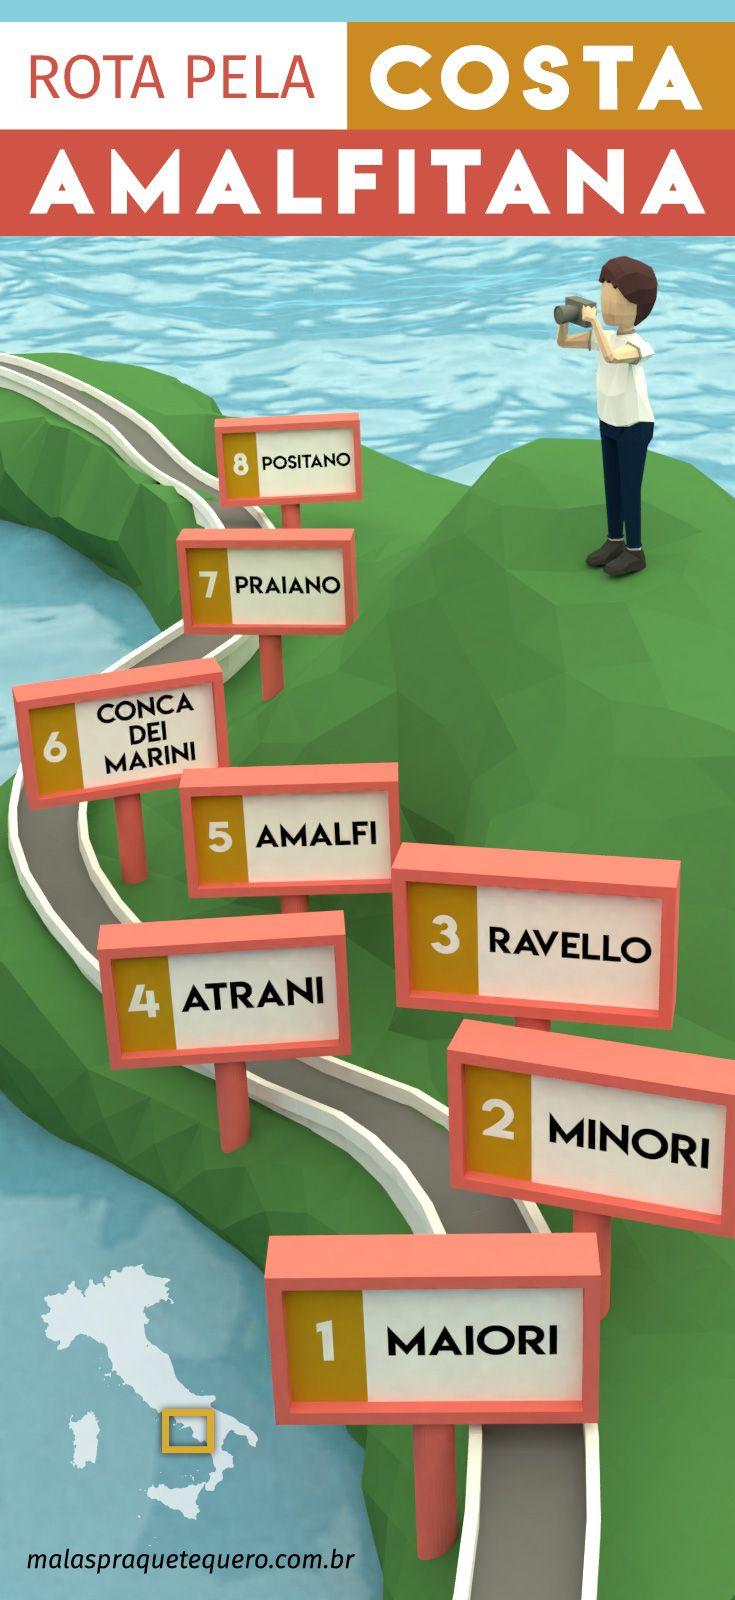 Fizemos um roteiro fotográfico pela Costa Amalfitana e voltamos com a certeza de que este será seu próximo destino na Itália! #italia #amalfi #fotografia